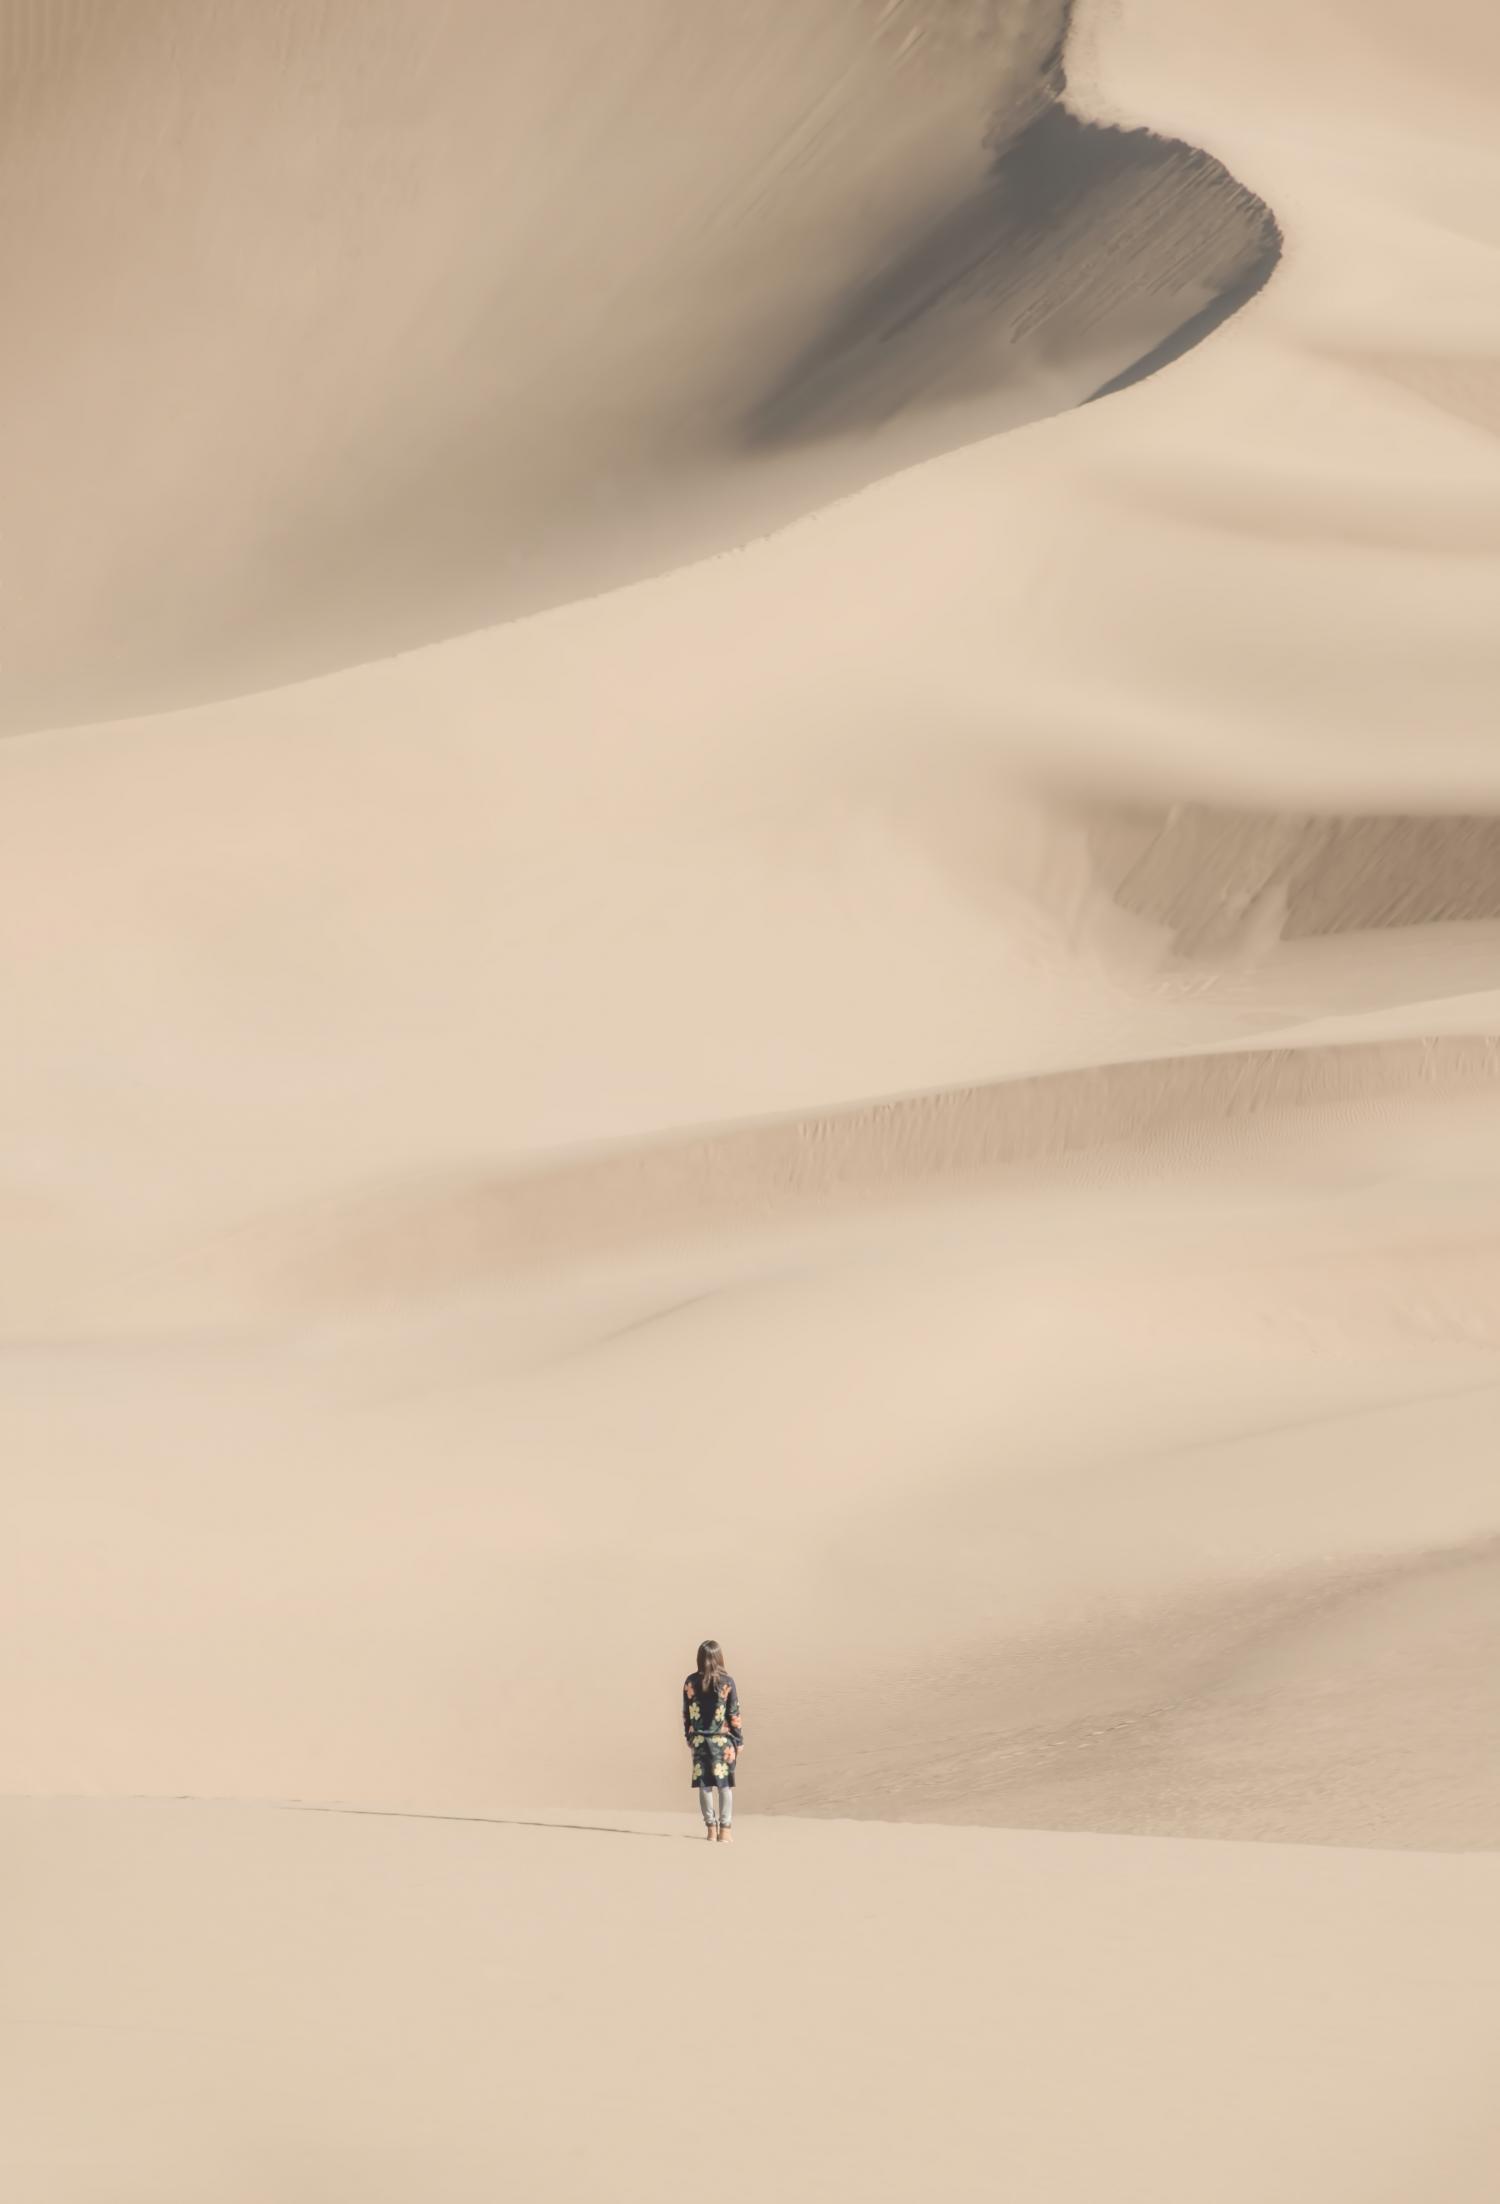 大美新疆 | 畅游南北疆 | 喀纳斯、禾木、可可托海、魔鬼城、伊昭公路、那拉提草原、巴音布鲁克、独库公路、吐鲁番14日落地自驾